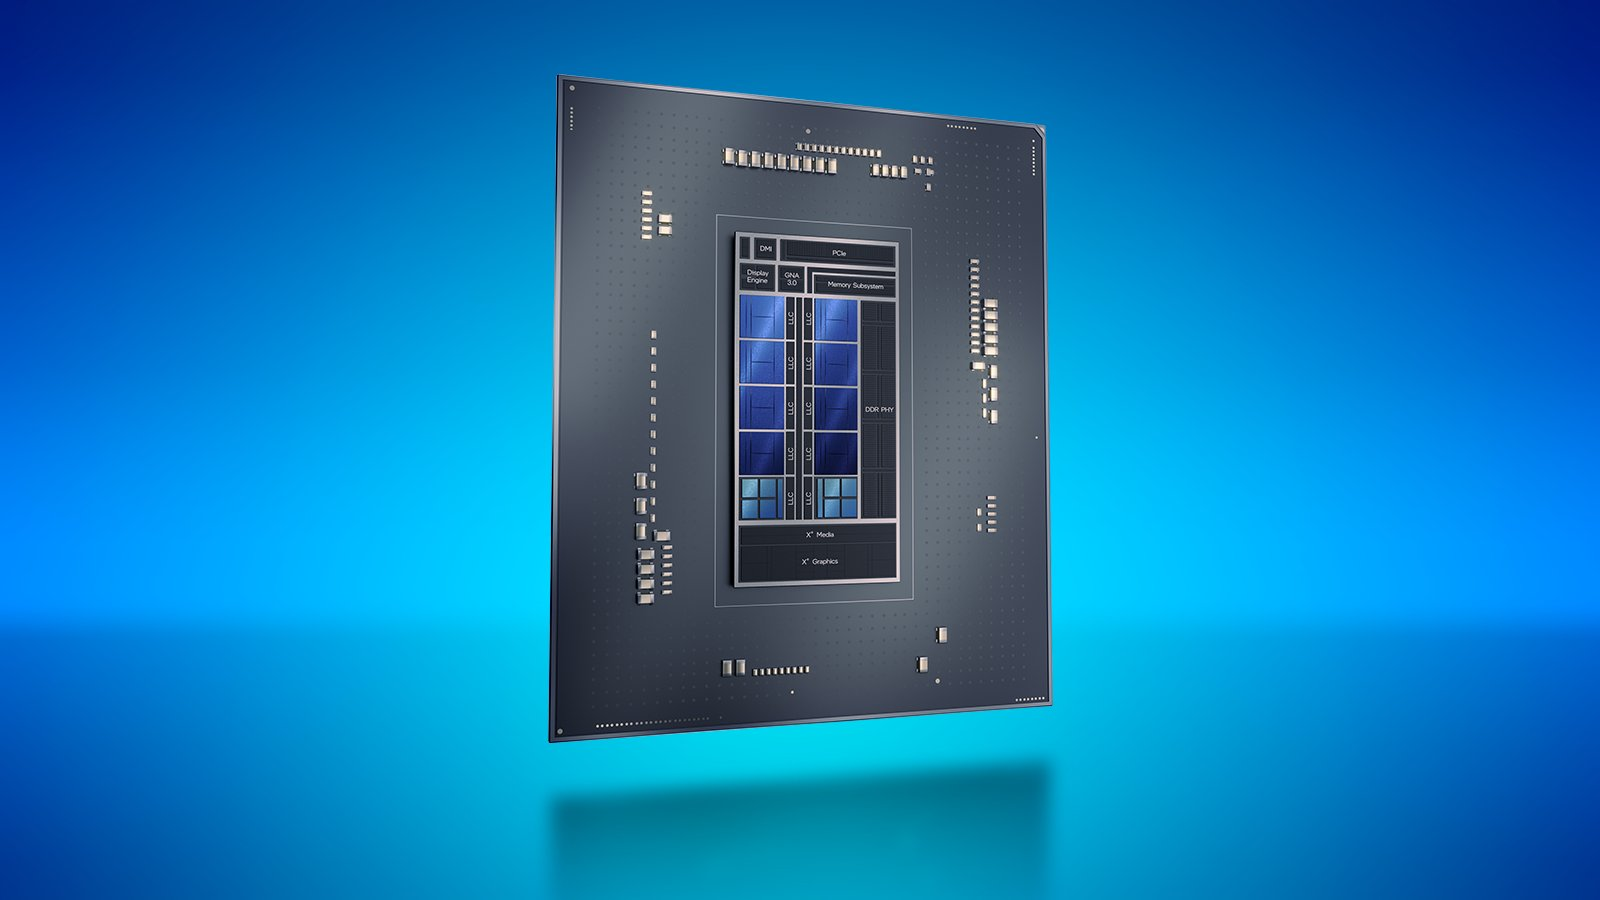 Se filtran todos los conjuntos de chips Intel de la serie 600 para CPU Alder Lake, y también se incluye X699 HEDT